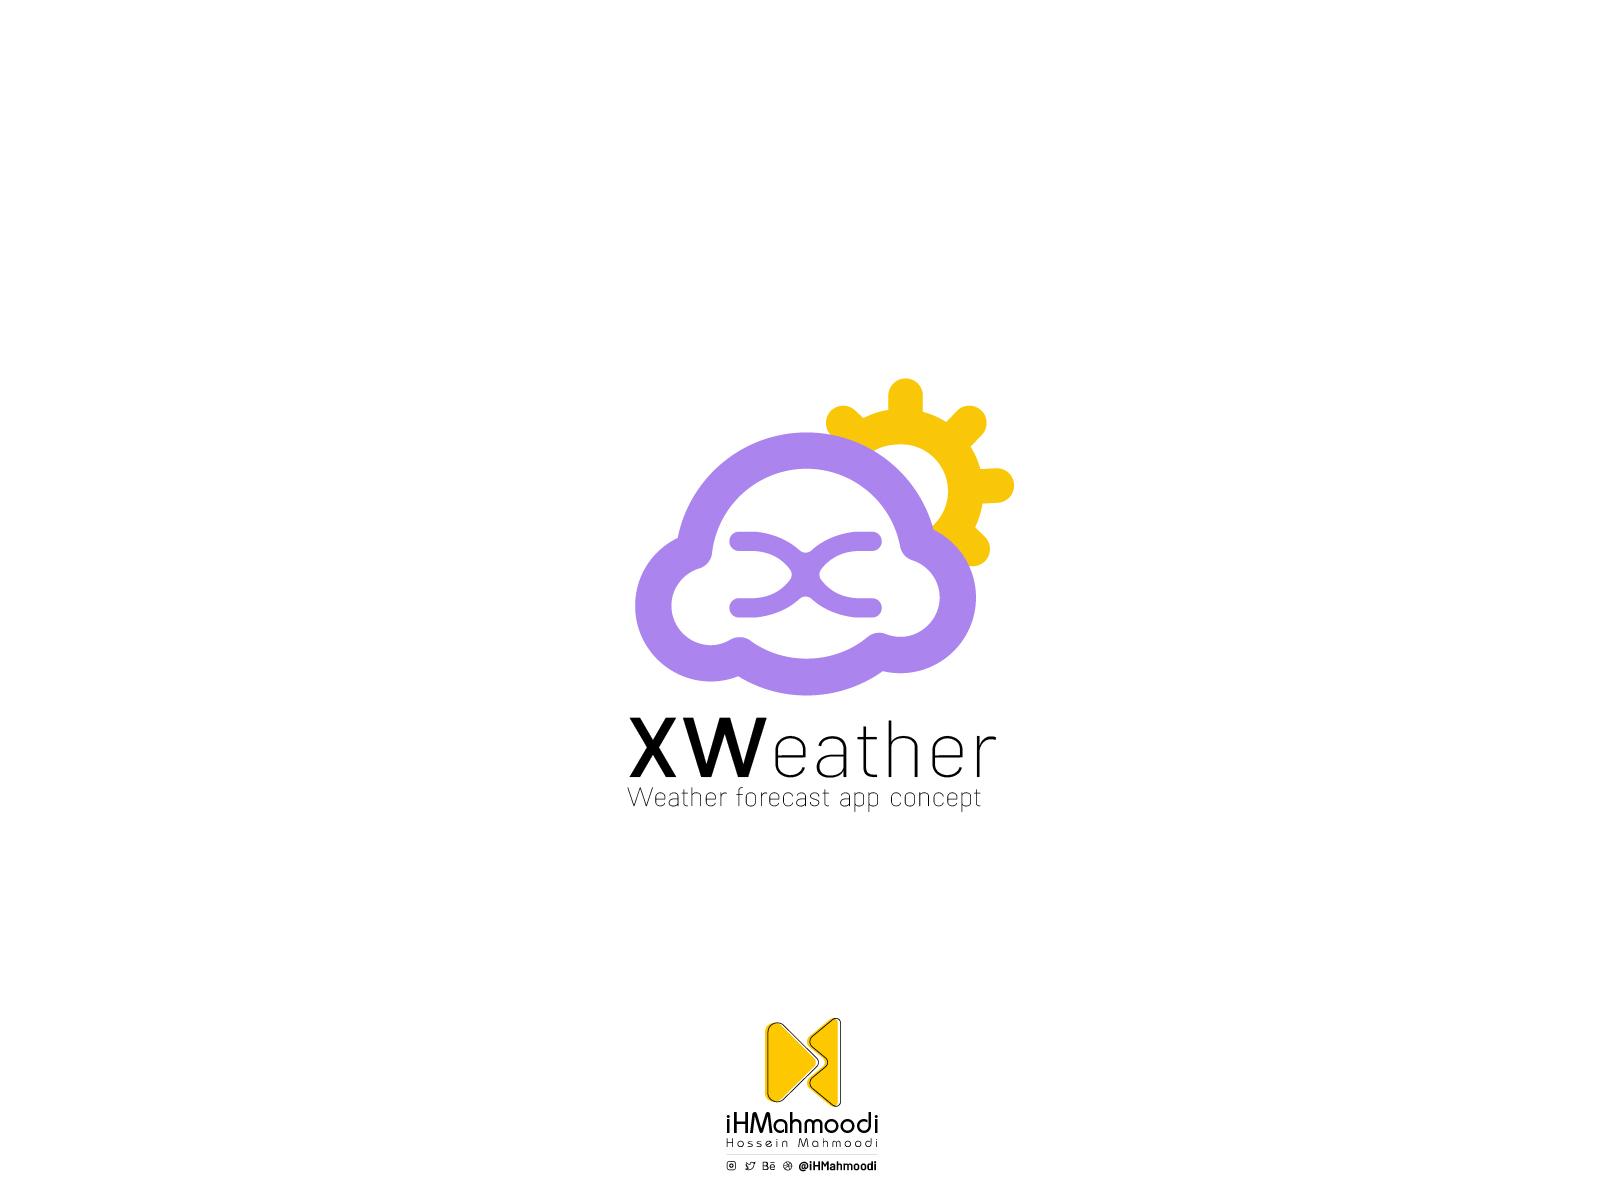 نمونهکار: رابط کاربری اپلیکیشن هواشناسی XWeather - لوگو